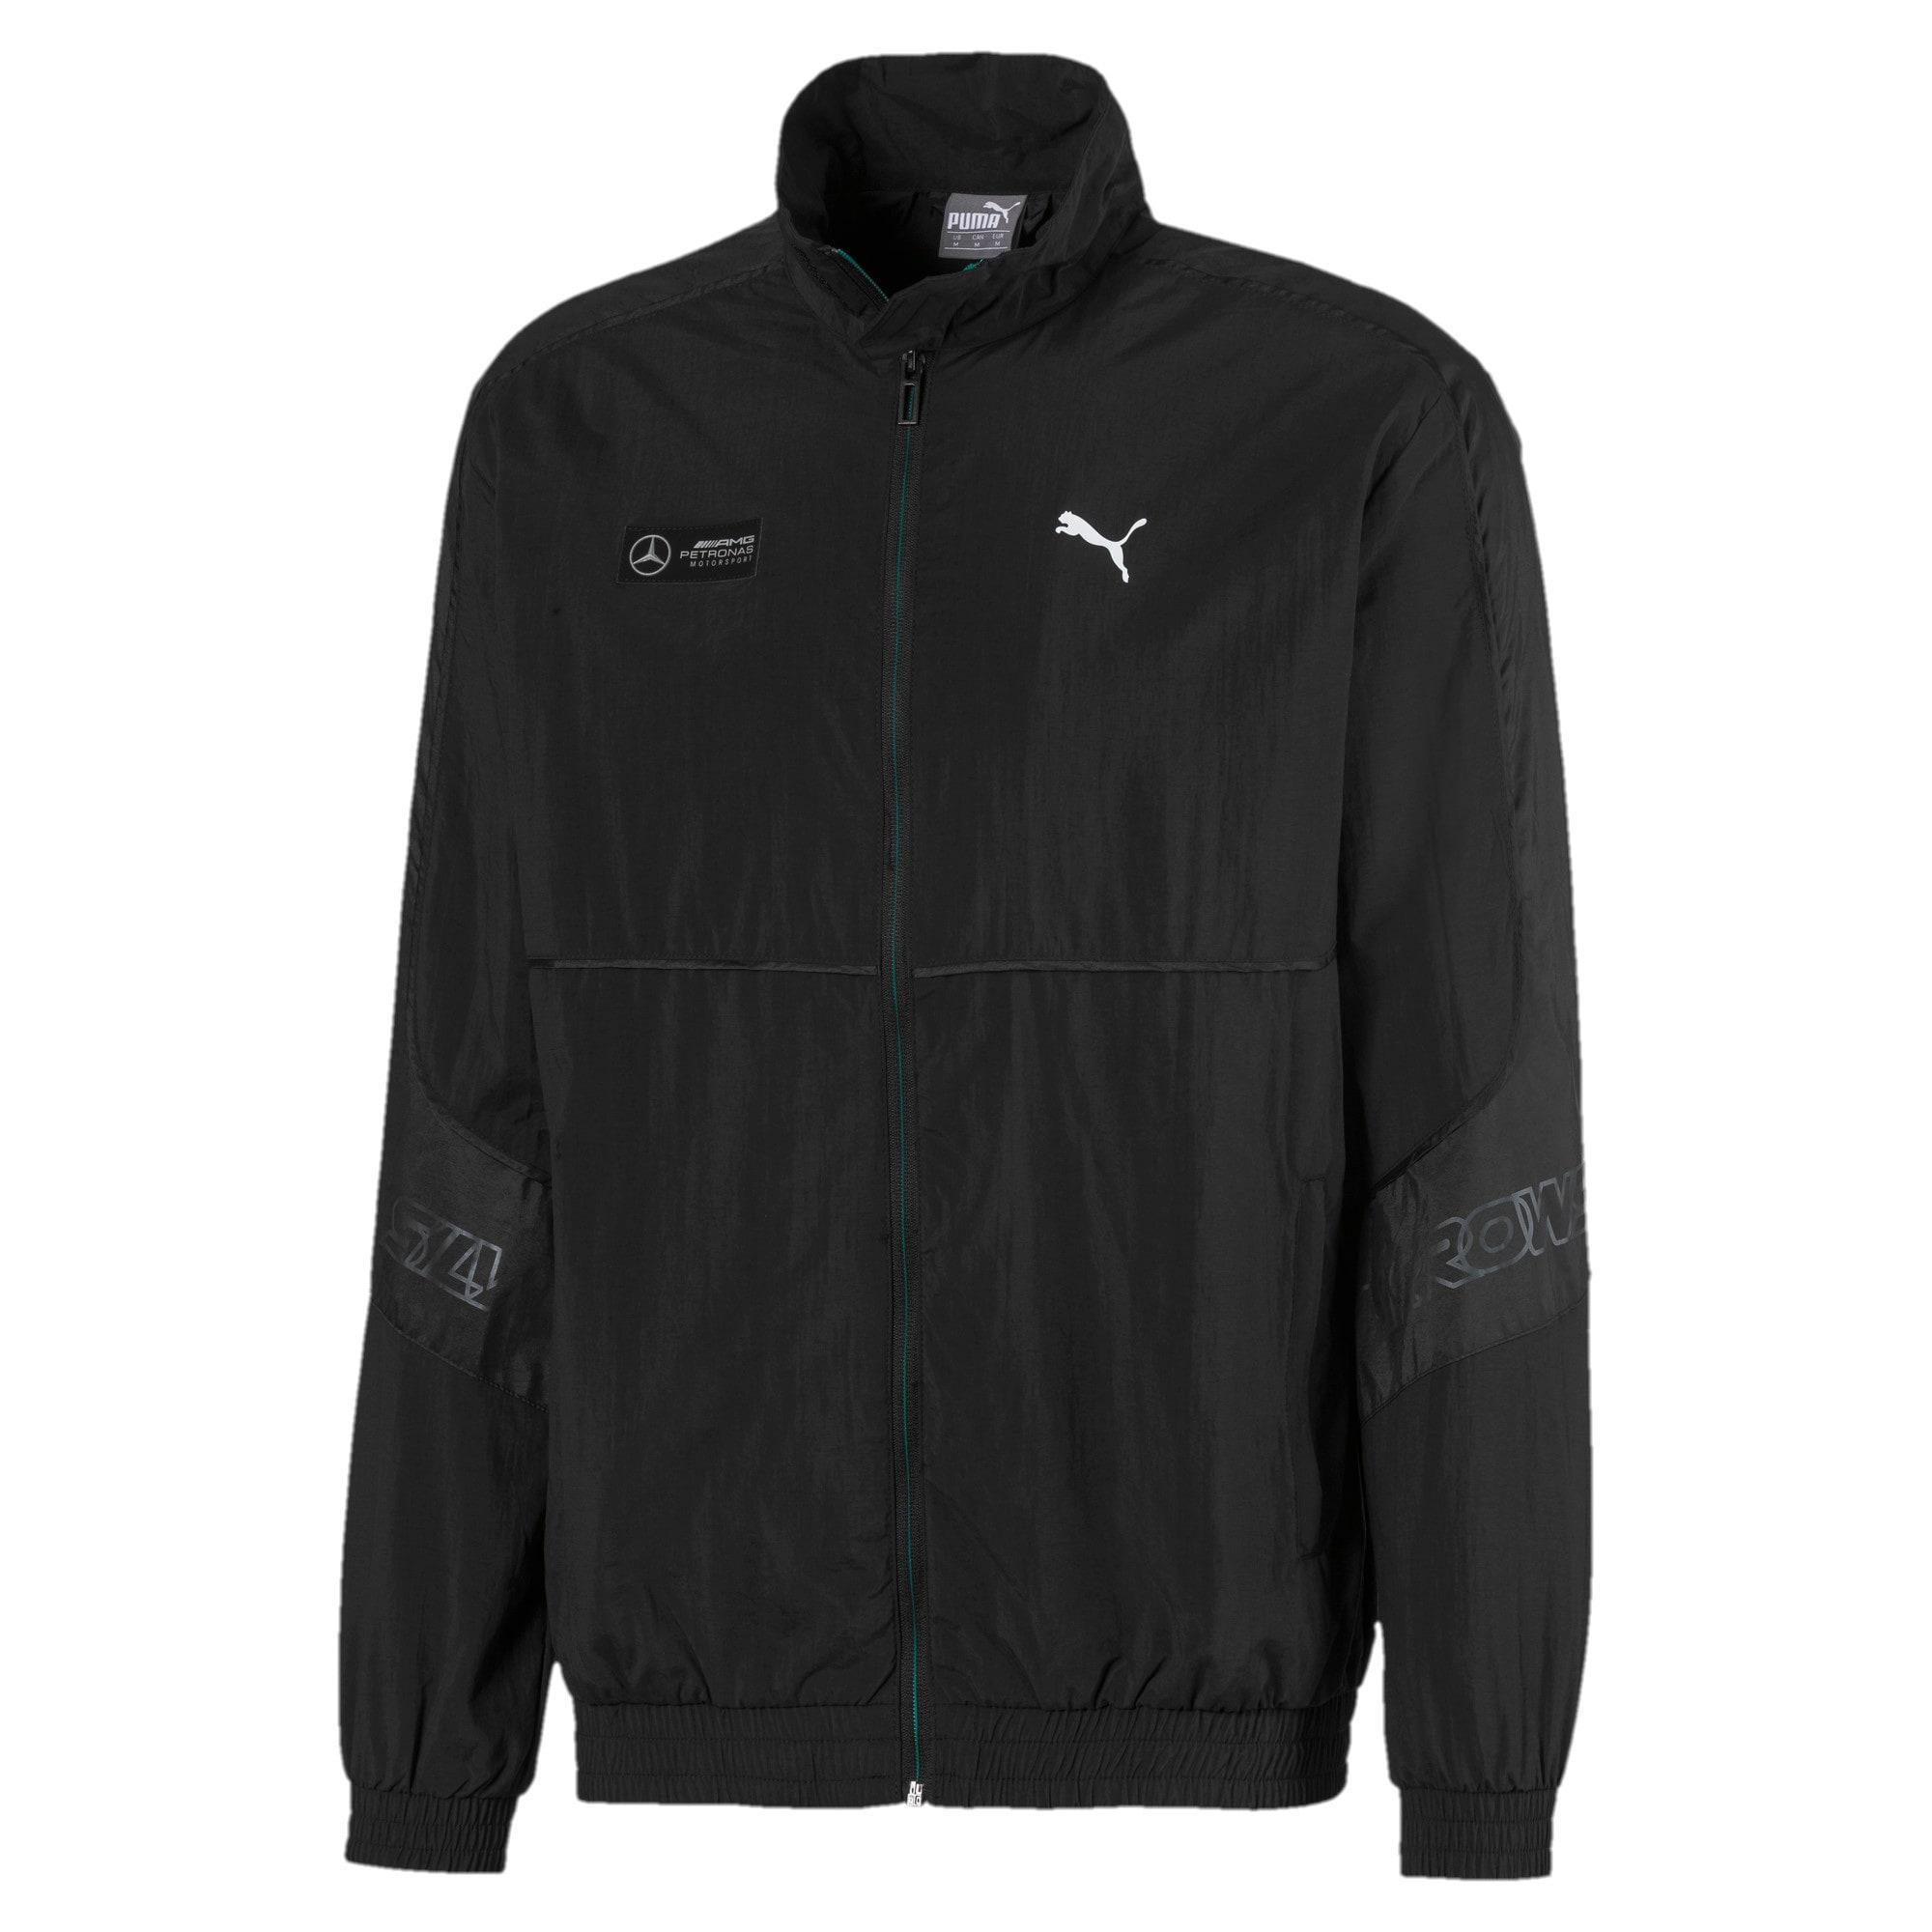 Thumbnail 1 of Mercedes Street Woven Men's Jacket, Puma Black, medium